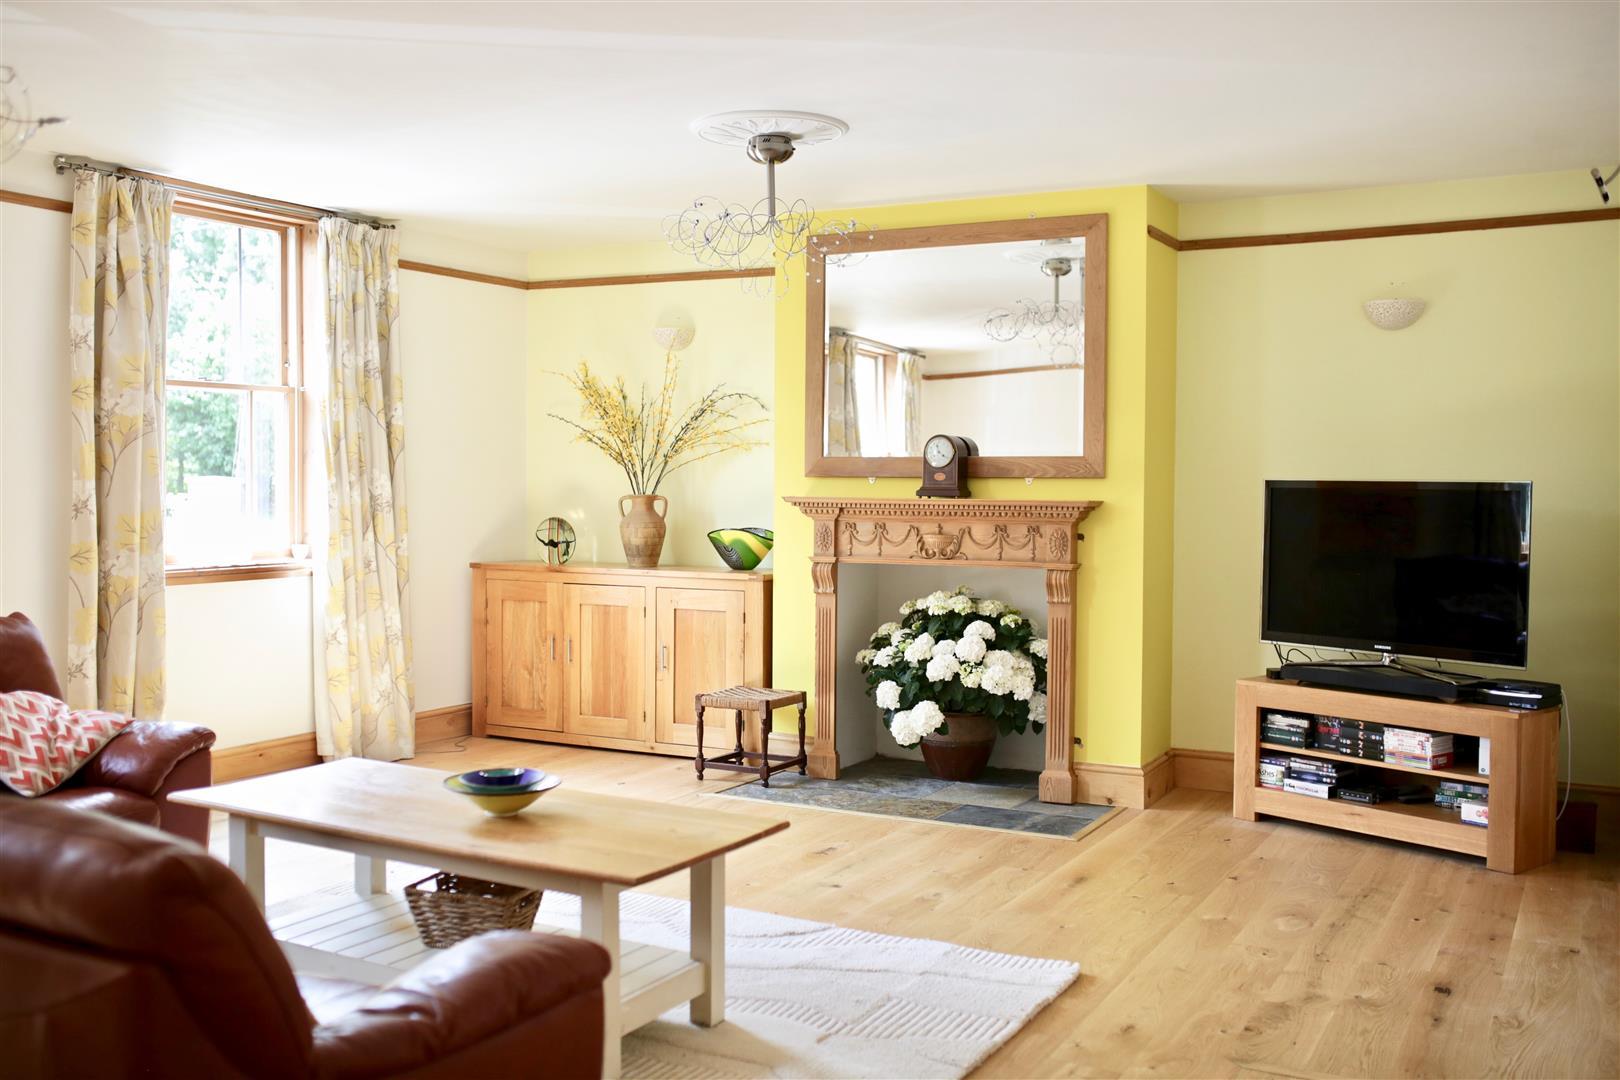 Ettington_Living_Room_2020.jpg